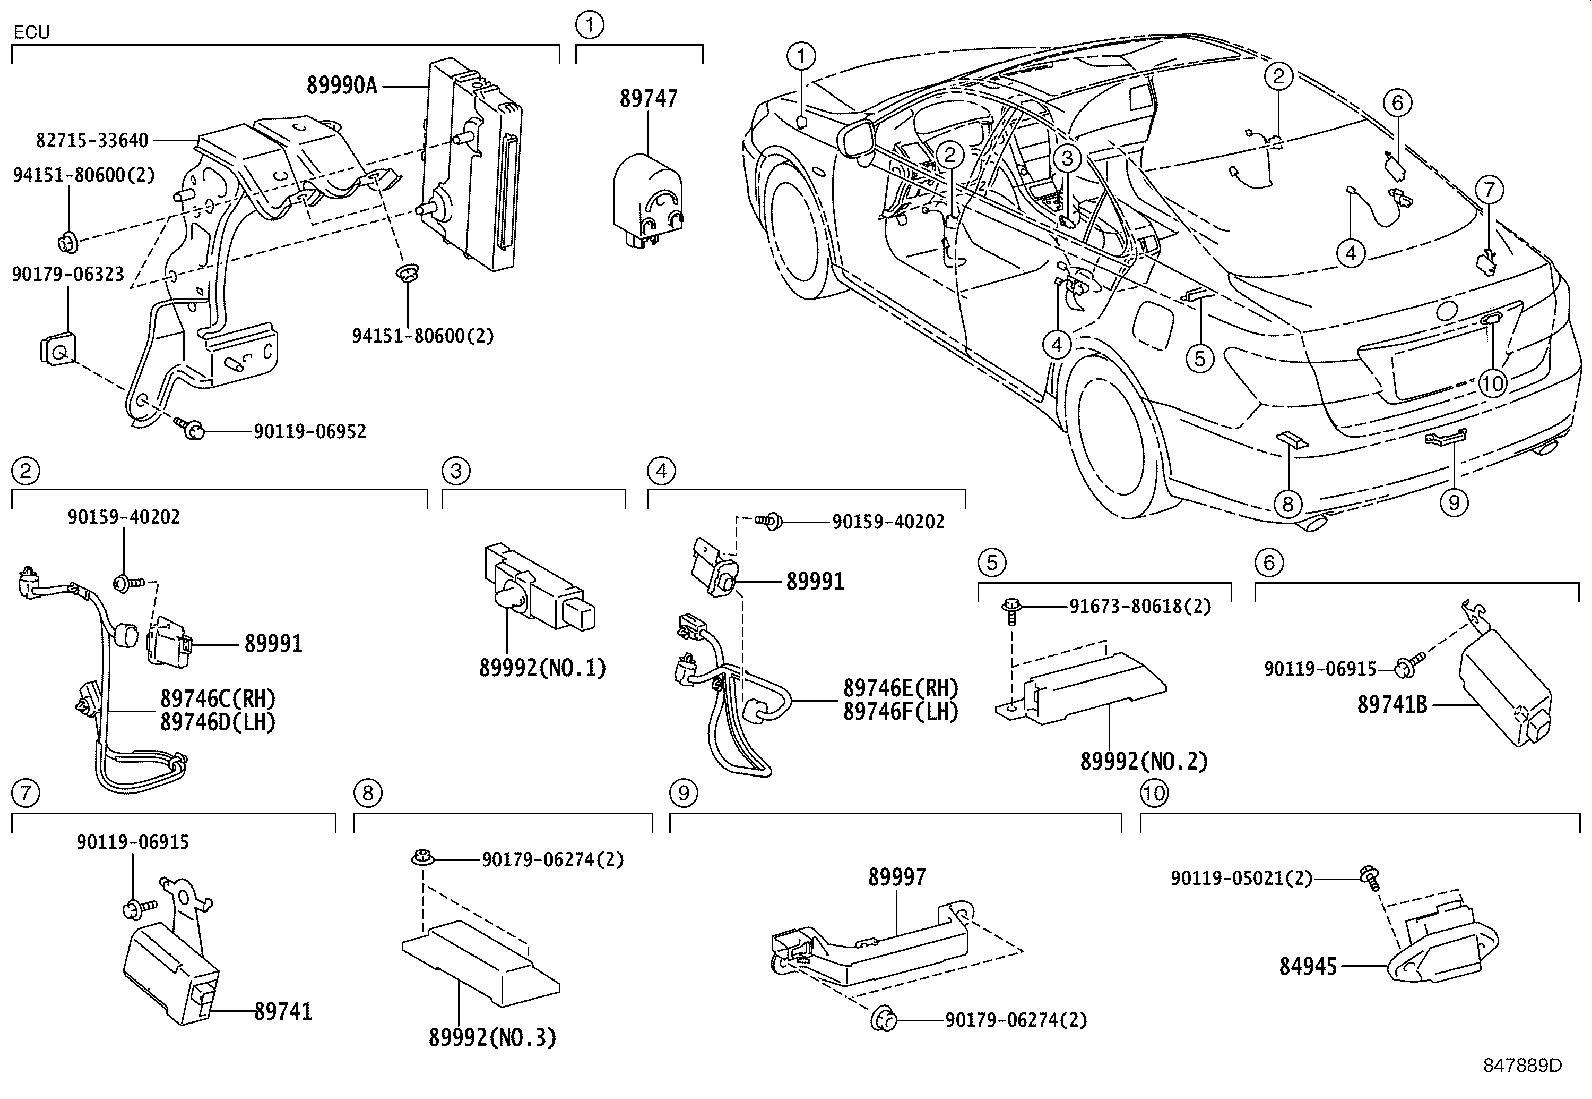 Lexus ES 350 Harness, electrical key wire, no. 1. Wireless